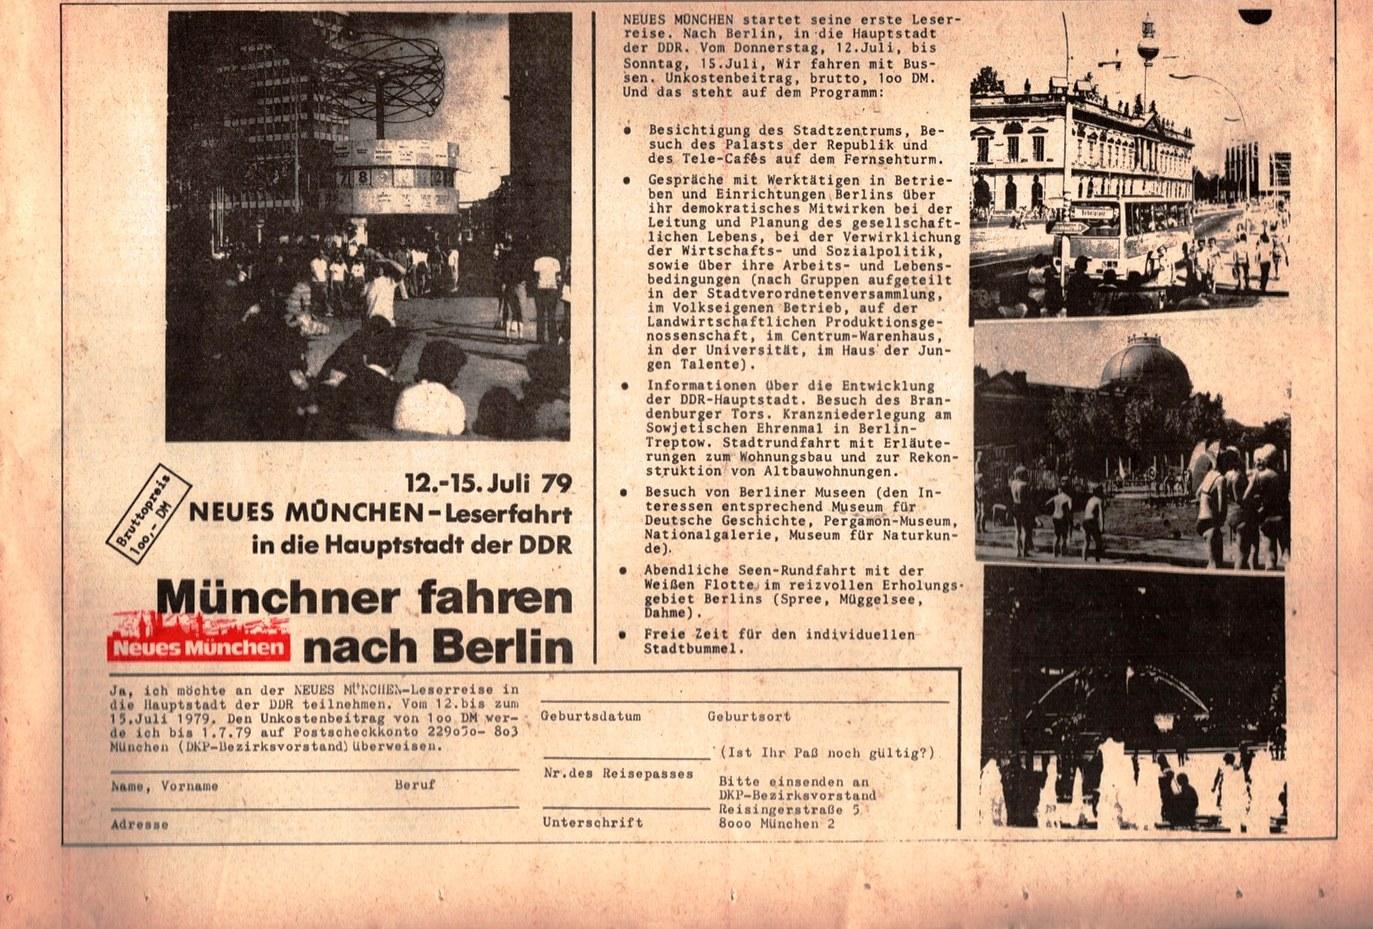 Muenchen_DKP_Neues_Muenchen_19790600_006_006